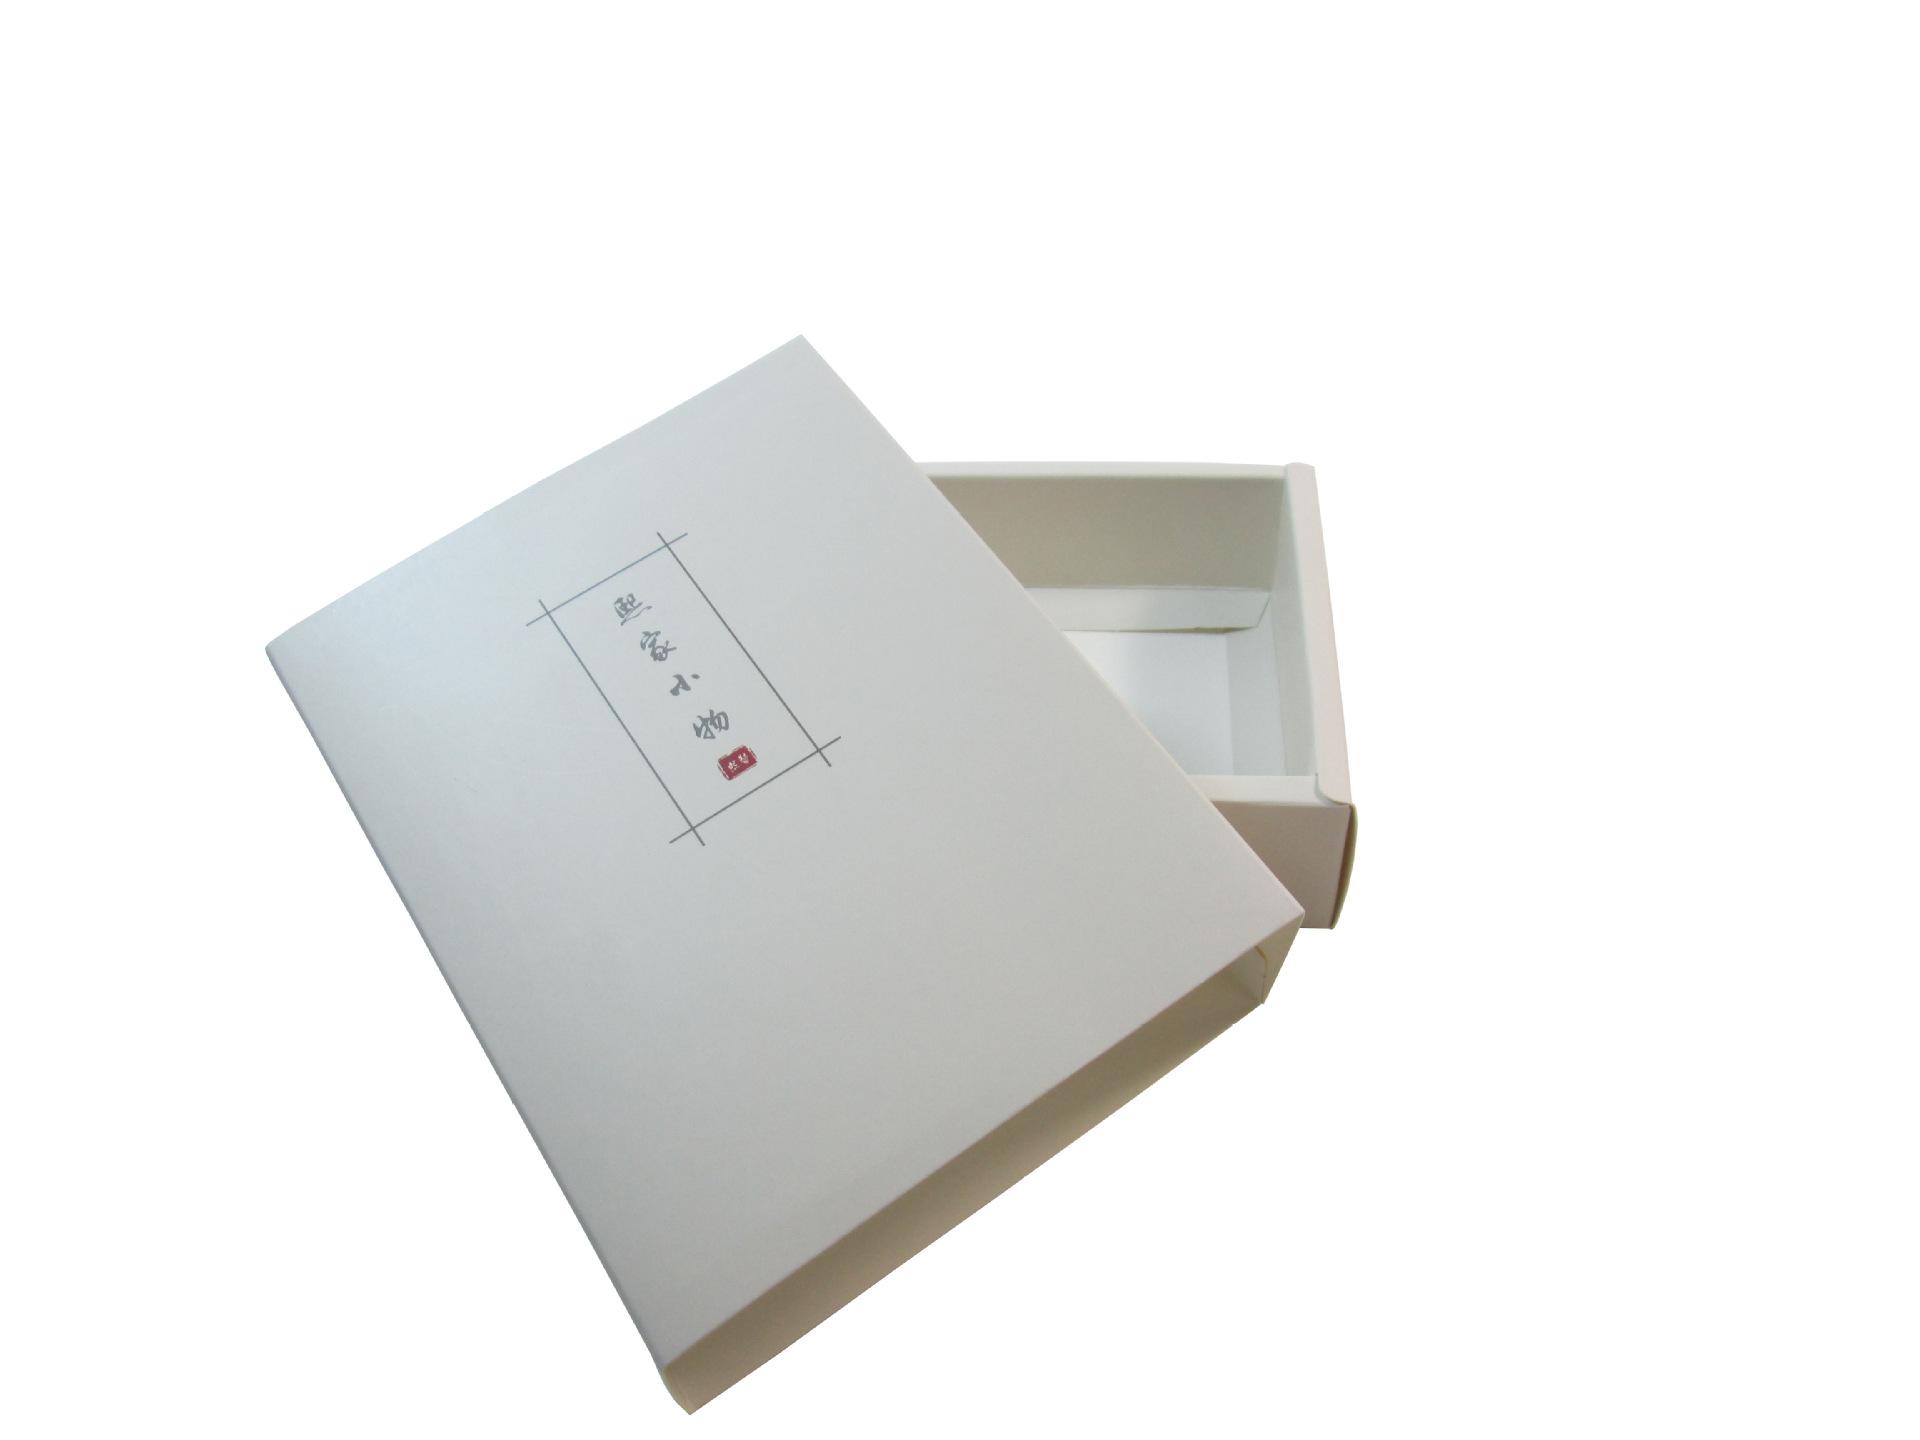 高档保健品抽屉盒彩盒 可定制 折叠纸盒 自定义彩印 自定义